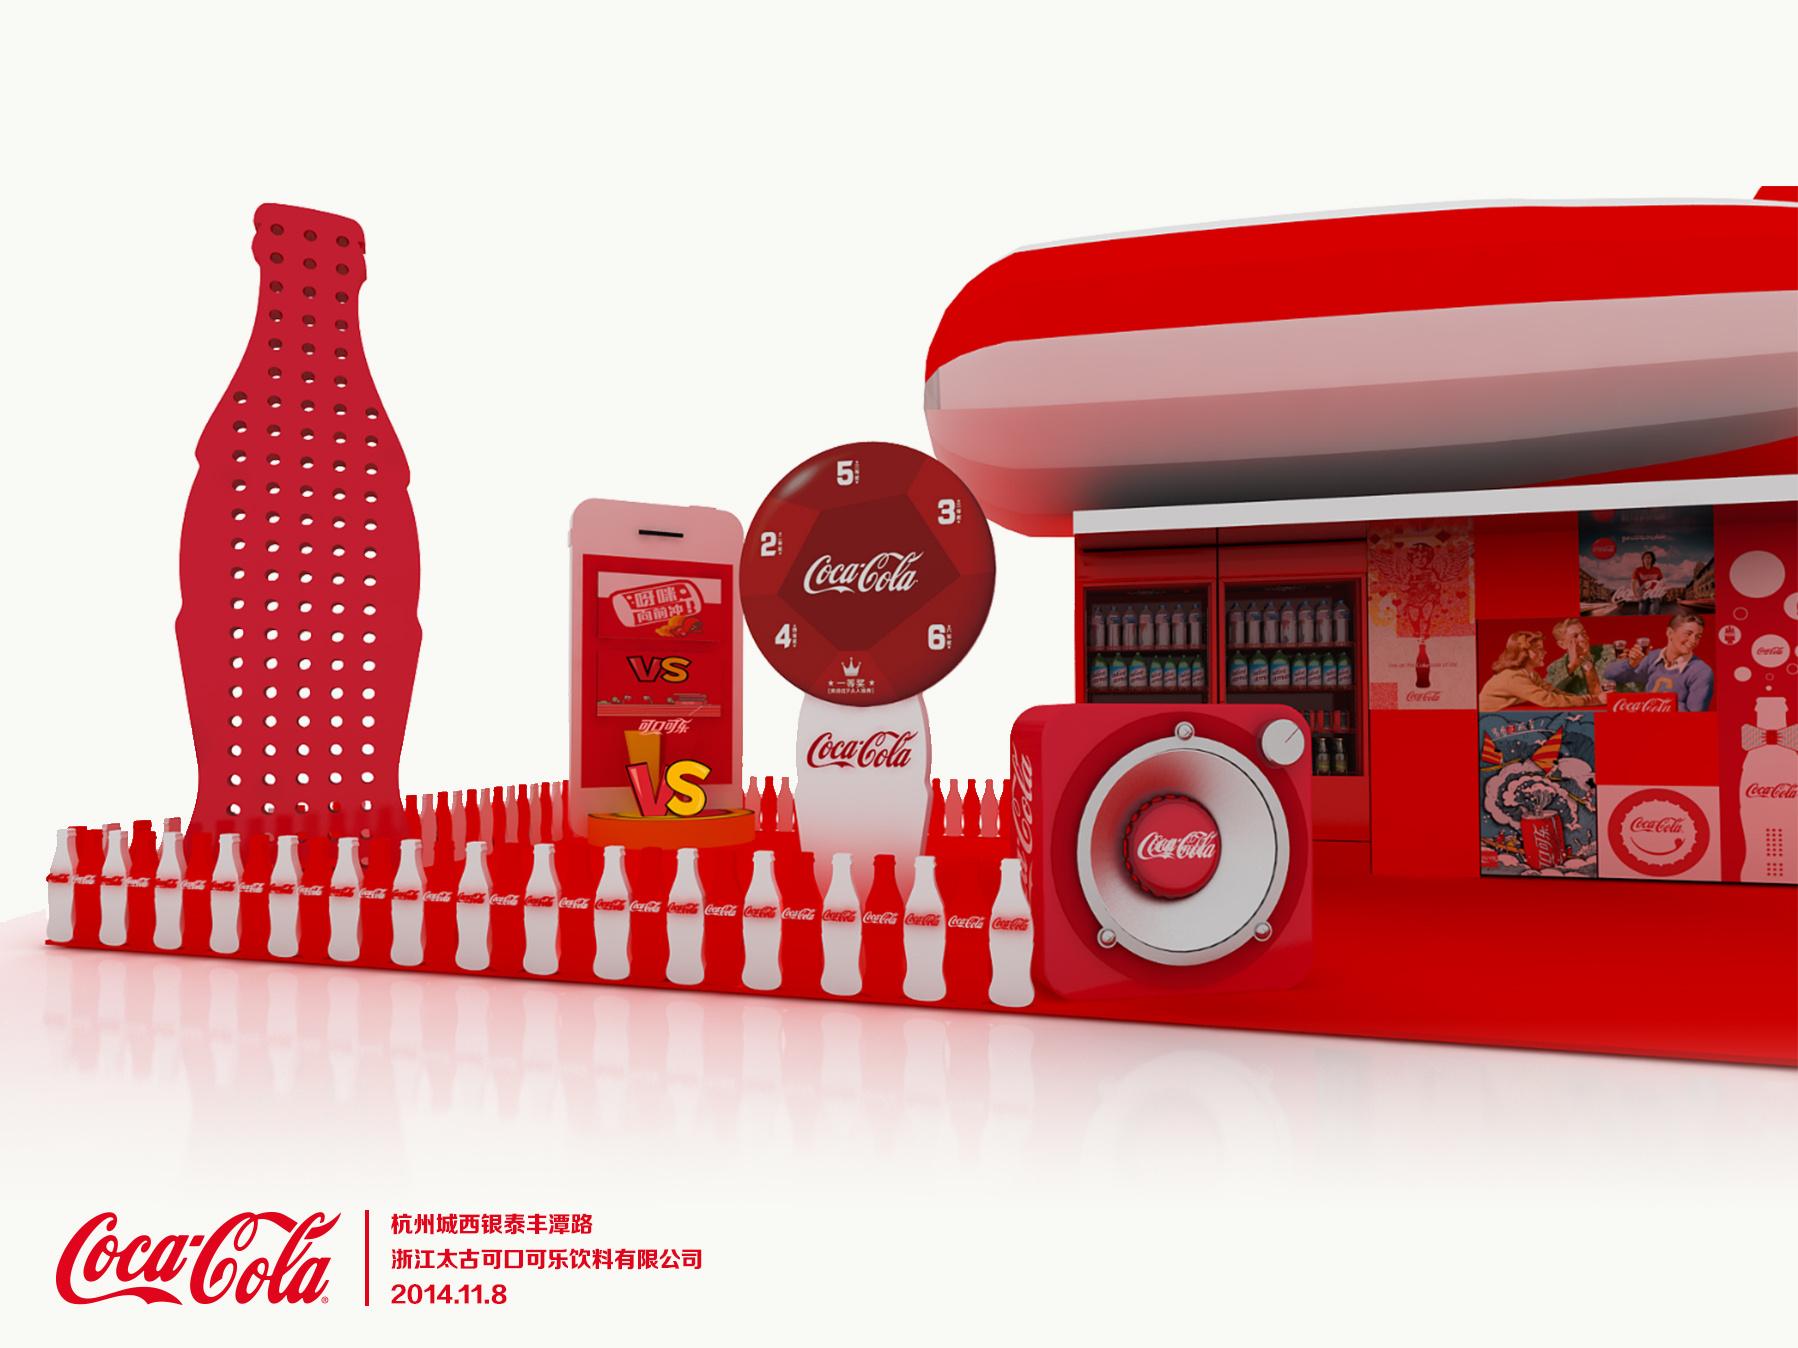 可口可乐 杭州红pa|空间|展示设计 |大亚当 - 原创图片